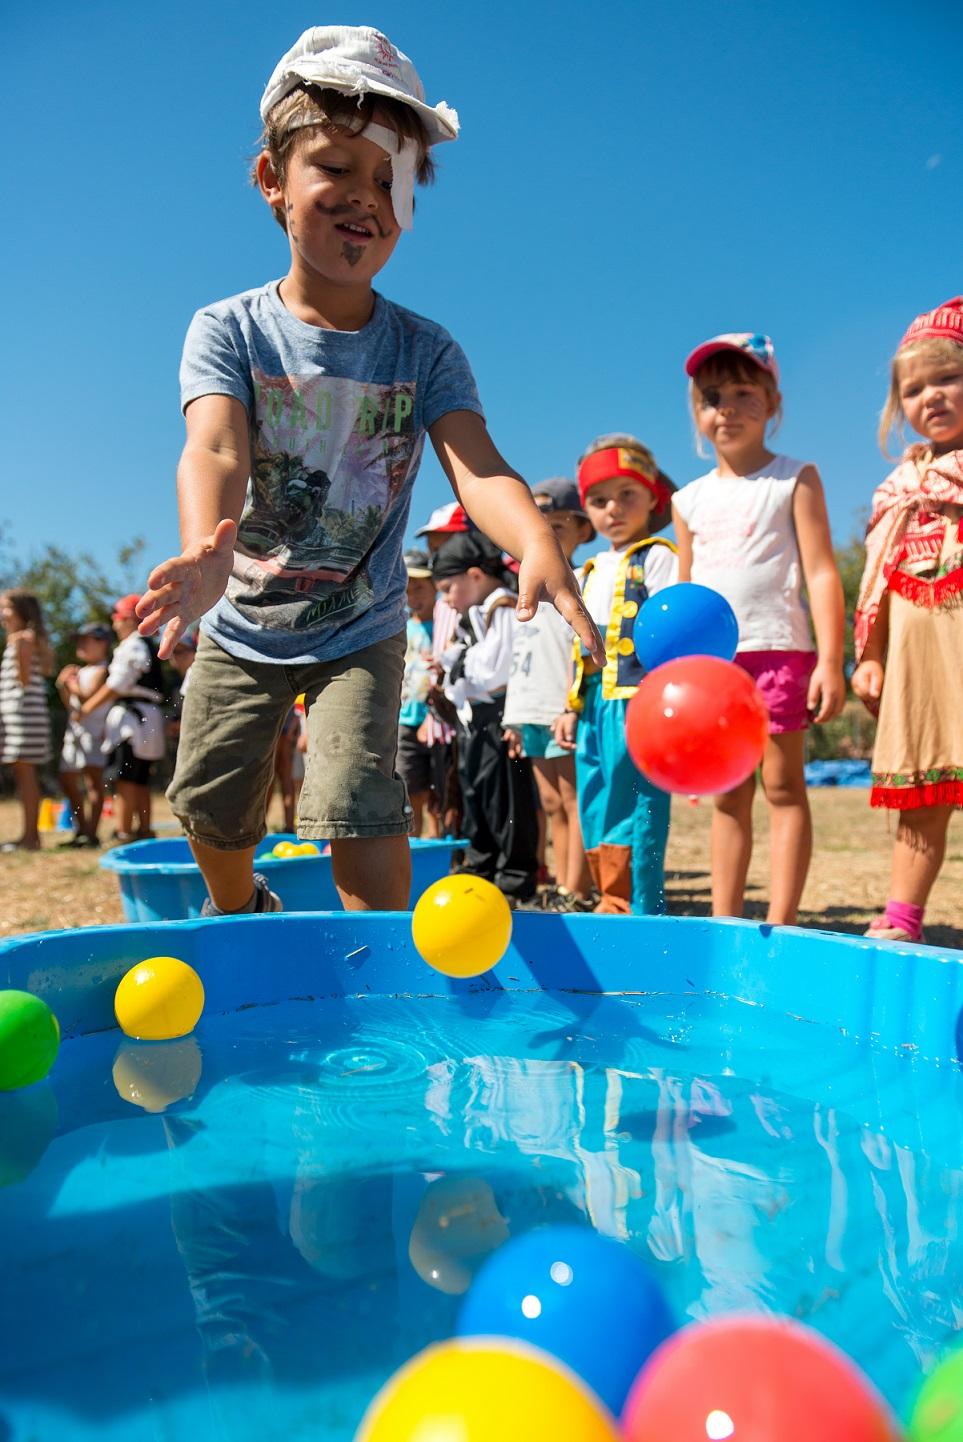 Chaque centre aéré de la Ville d'Ajaccio propose des activités et un thème différent pour les vacances et les mercredi après-midi. Ici jeux d'eau à l'ALSH de Saint-Jean (Photos Ville d'Ajaccio).